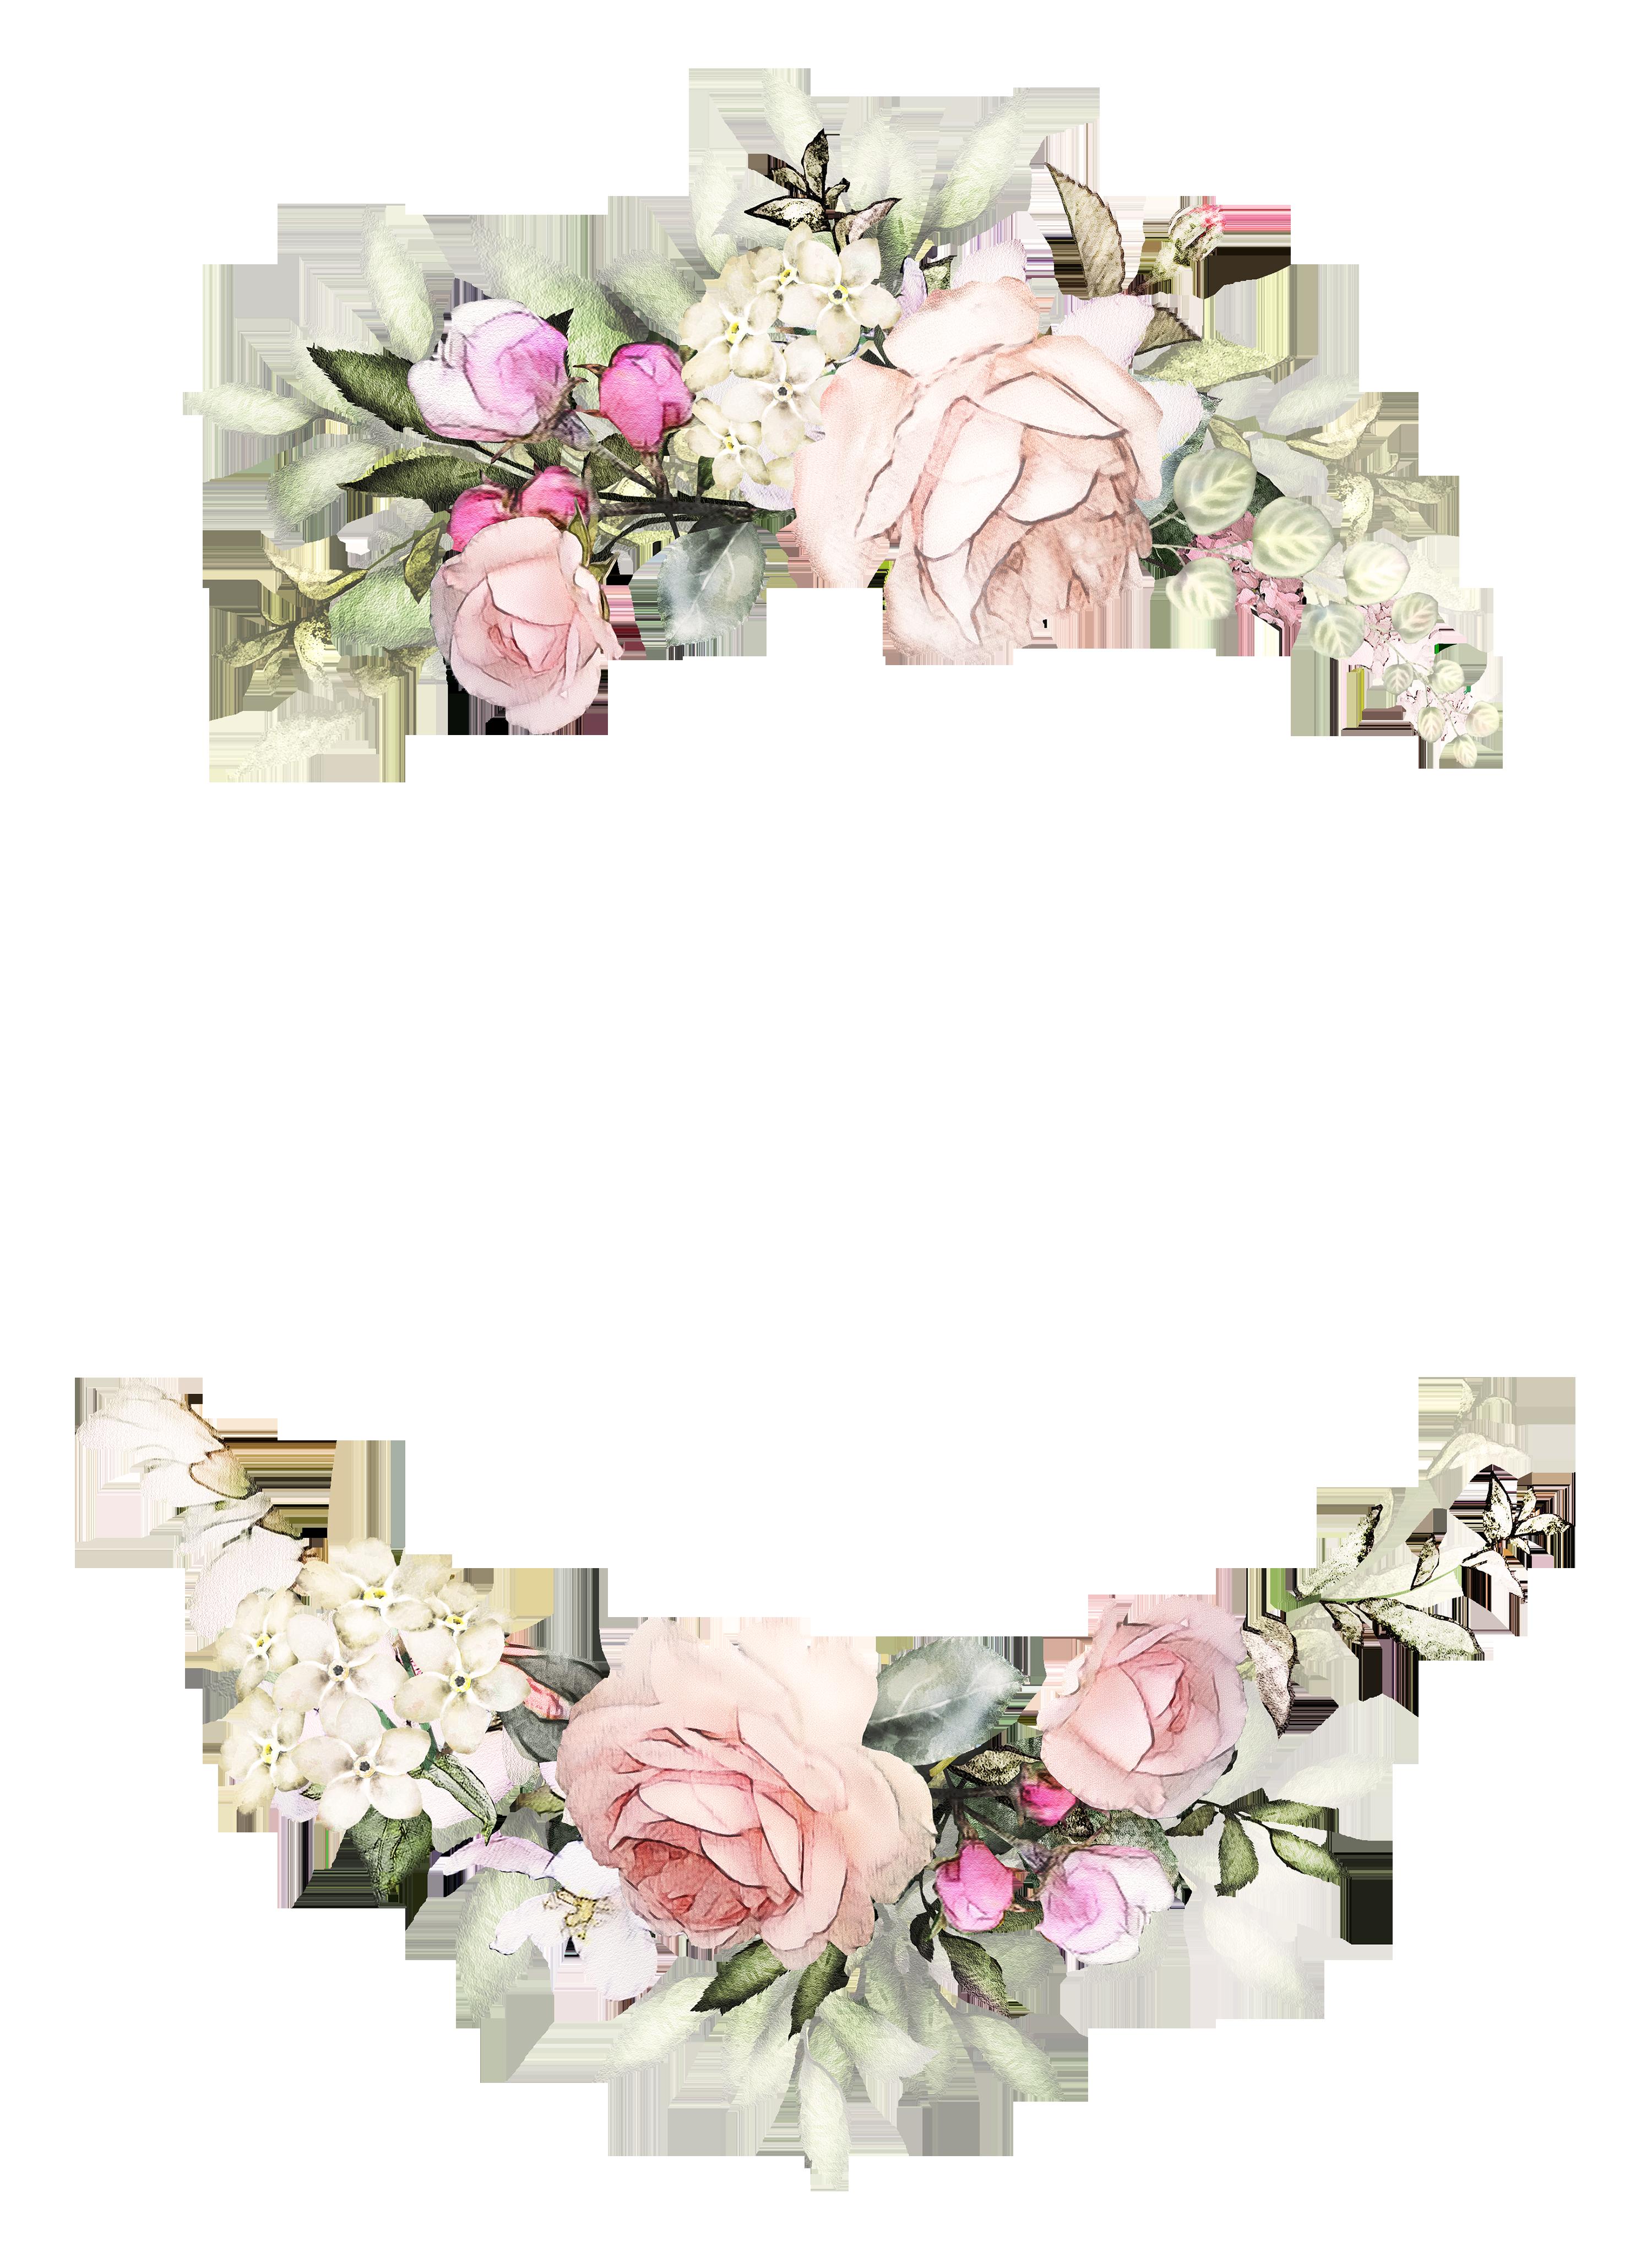 günaydin 🤗 görüntüler ile  Çiçekli desenler suluboya